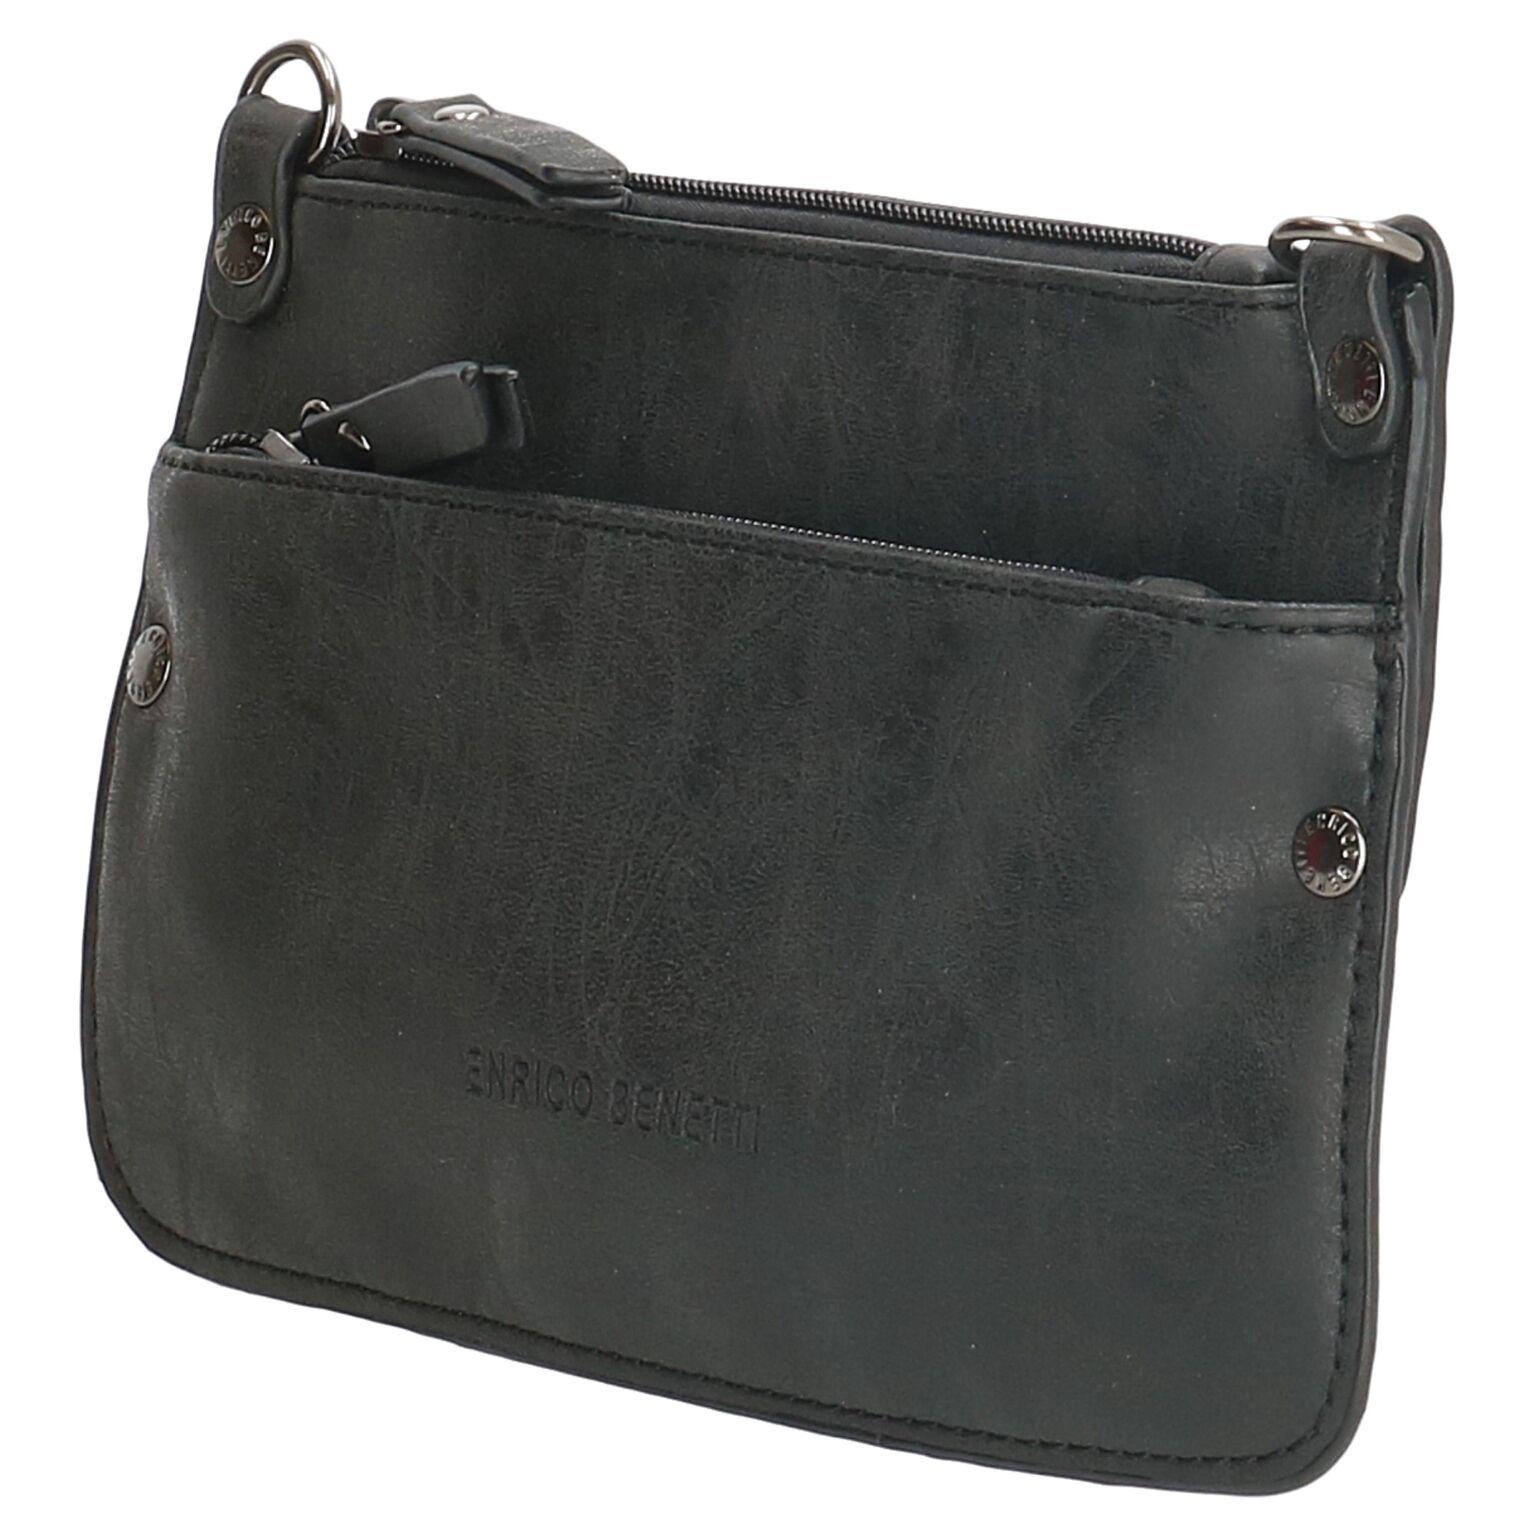 88f66f9f2ae Enrico Benetti clutch tasje zwart - Lute Lederwaren